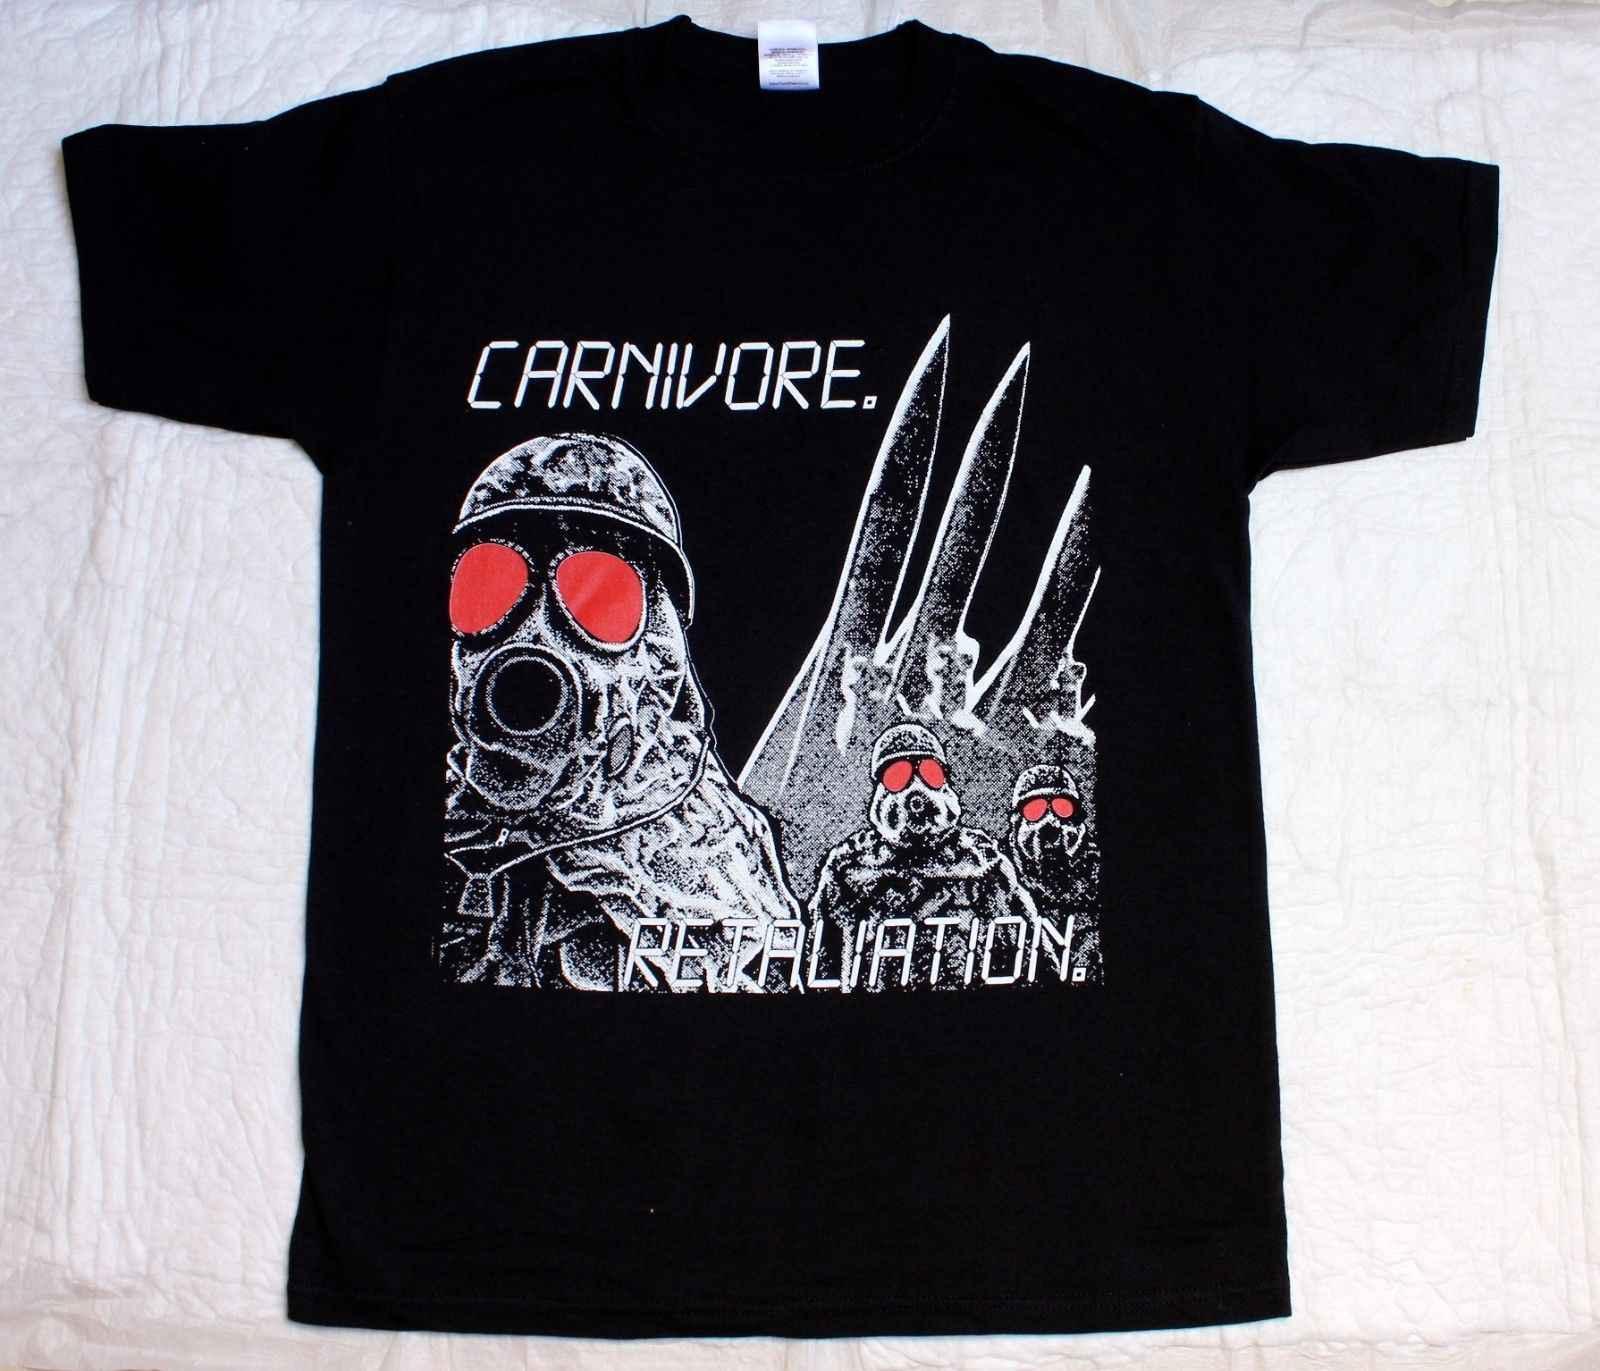 CARNIVORE VERGELDING 1987 CROSSOVER THRASH PETER STEELE NIEUWE ZWARTE T-SHIRT Mannelijke Hip Hop funny Shirts goedkope groothandel